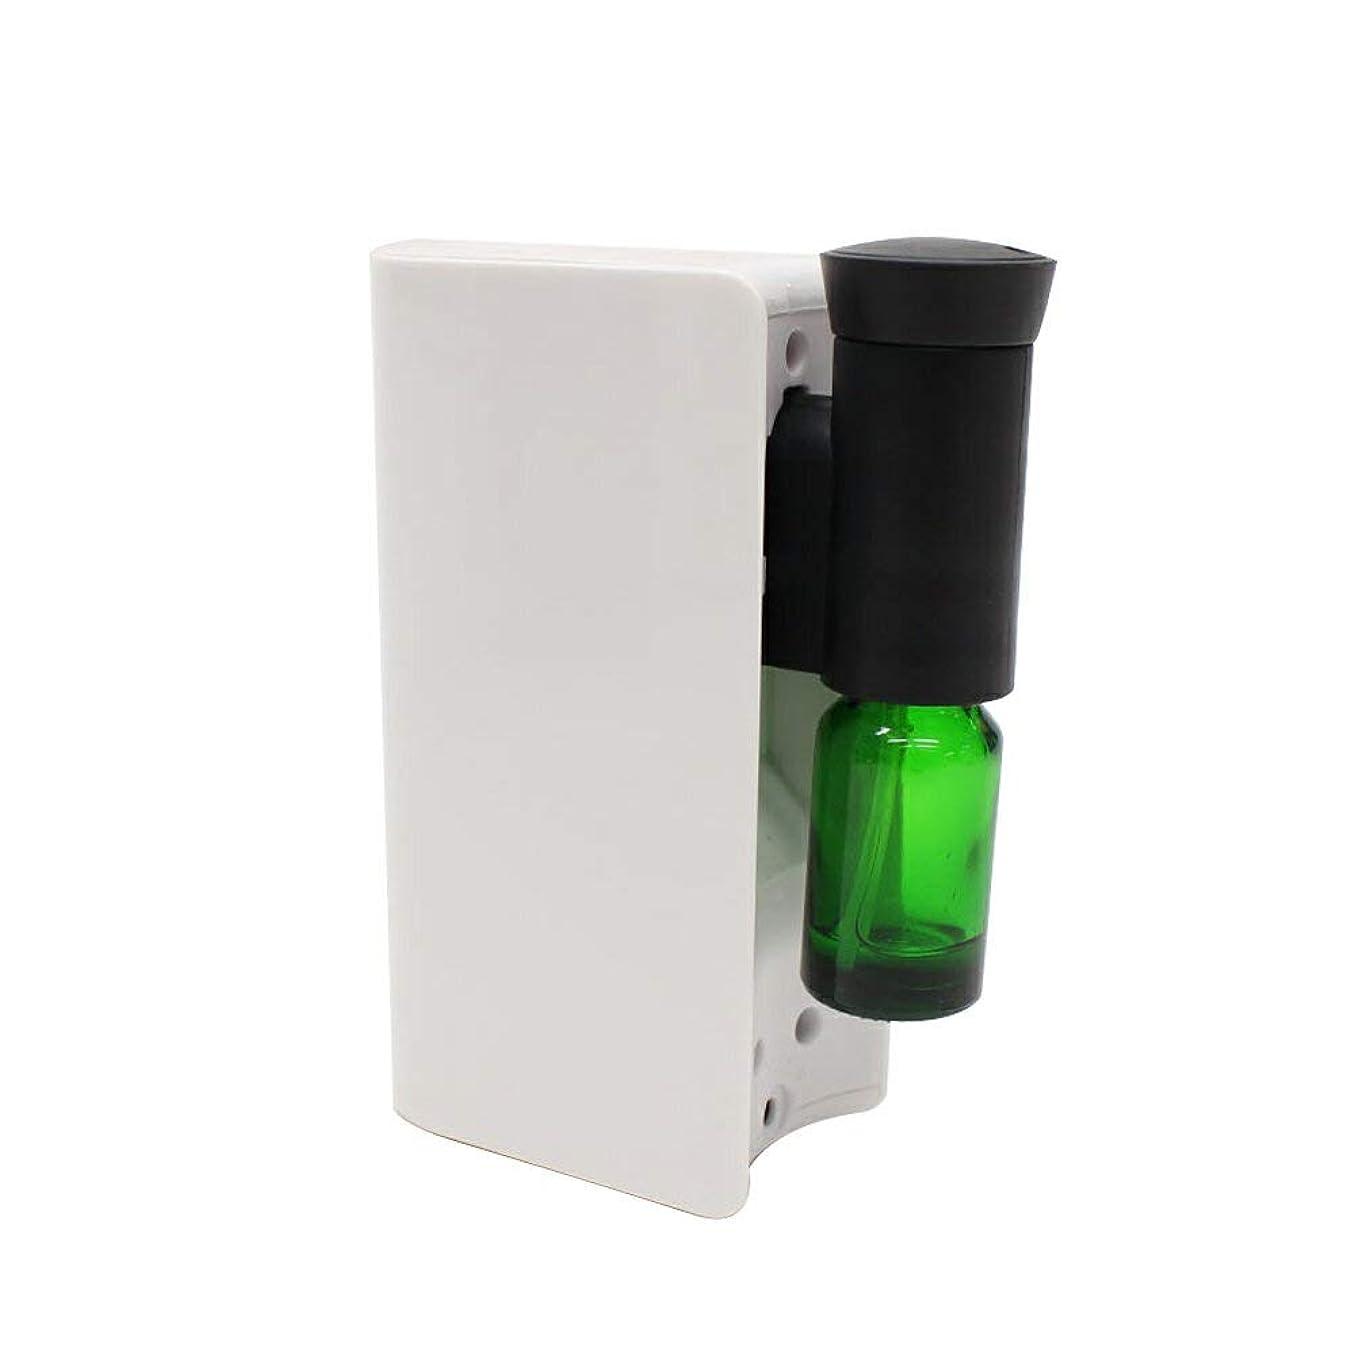 大型トラック覆すウェイド電池式アロマディフューザー 水を使わない ネブライザー式 アロマ ディフューザー アロマオイル対応 自動停止 ECOモード搭載 コンパクト 香り 癒し シンプル ホワイト